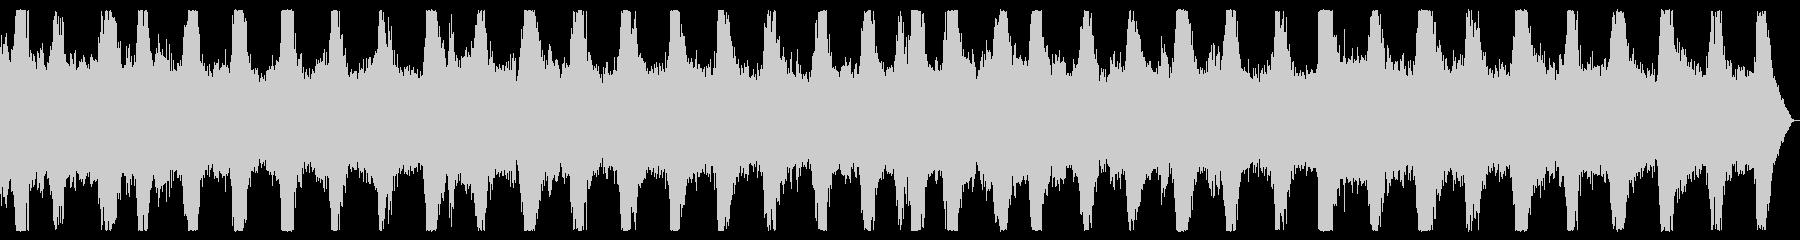 ダークアンビエント ノイズの入ったBGMの未再生の波形